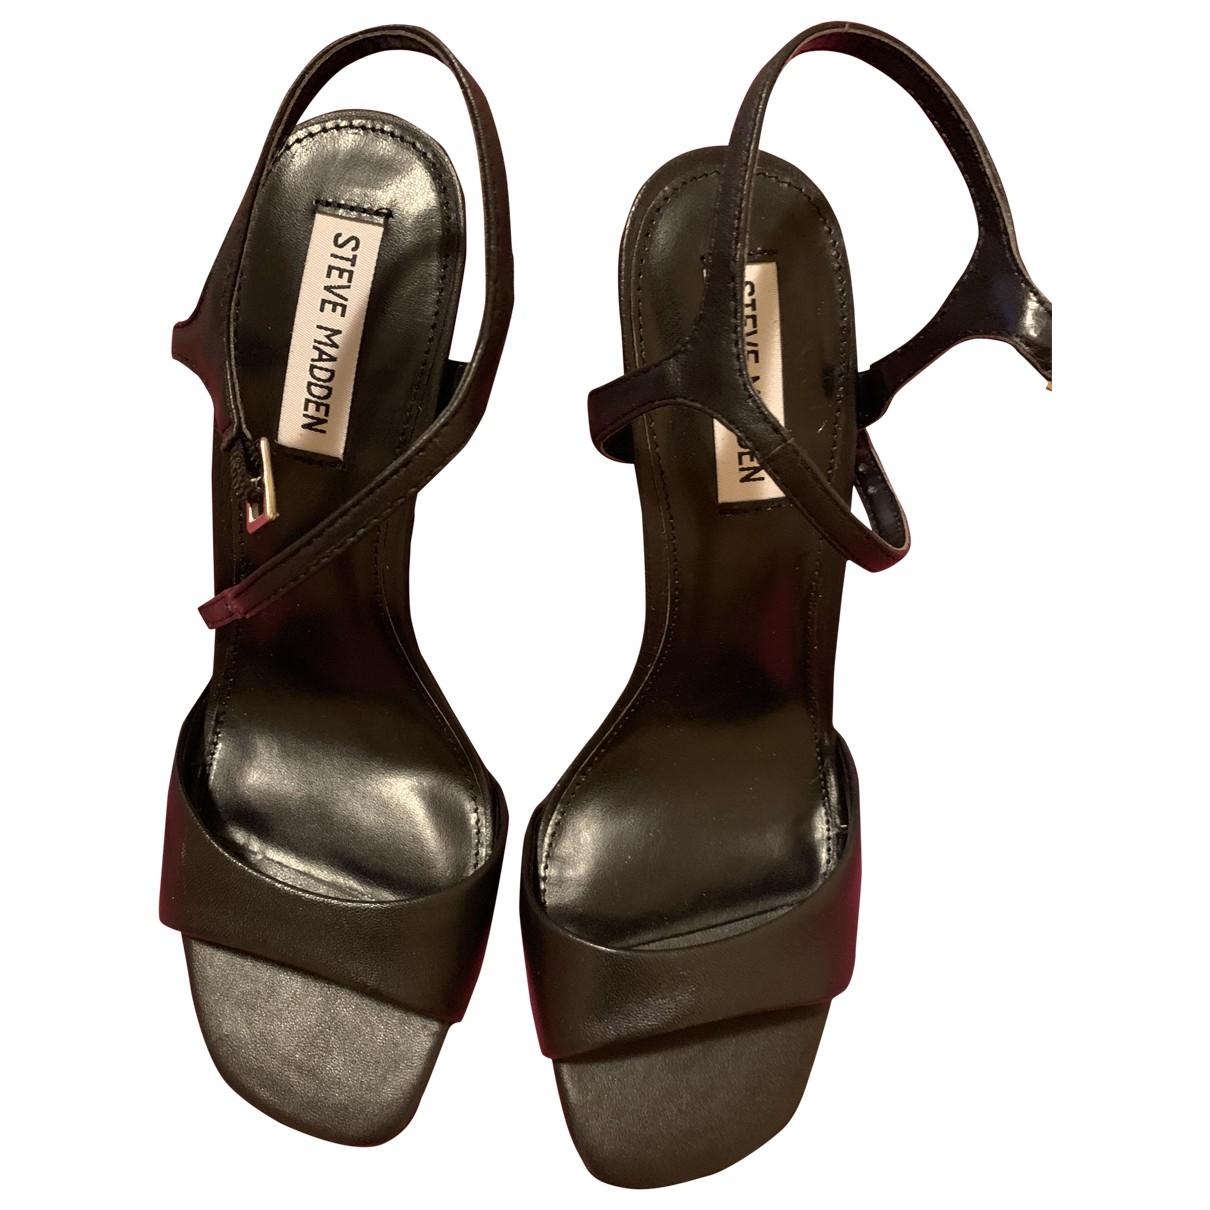 Steve Madden \N Black Leather Sandals for Women 39 EU